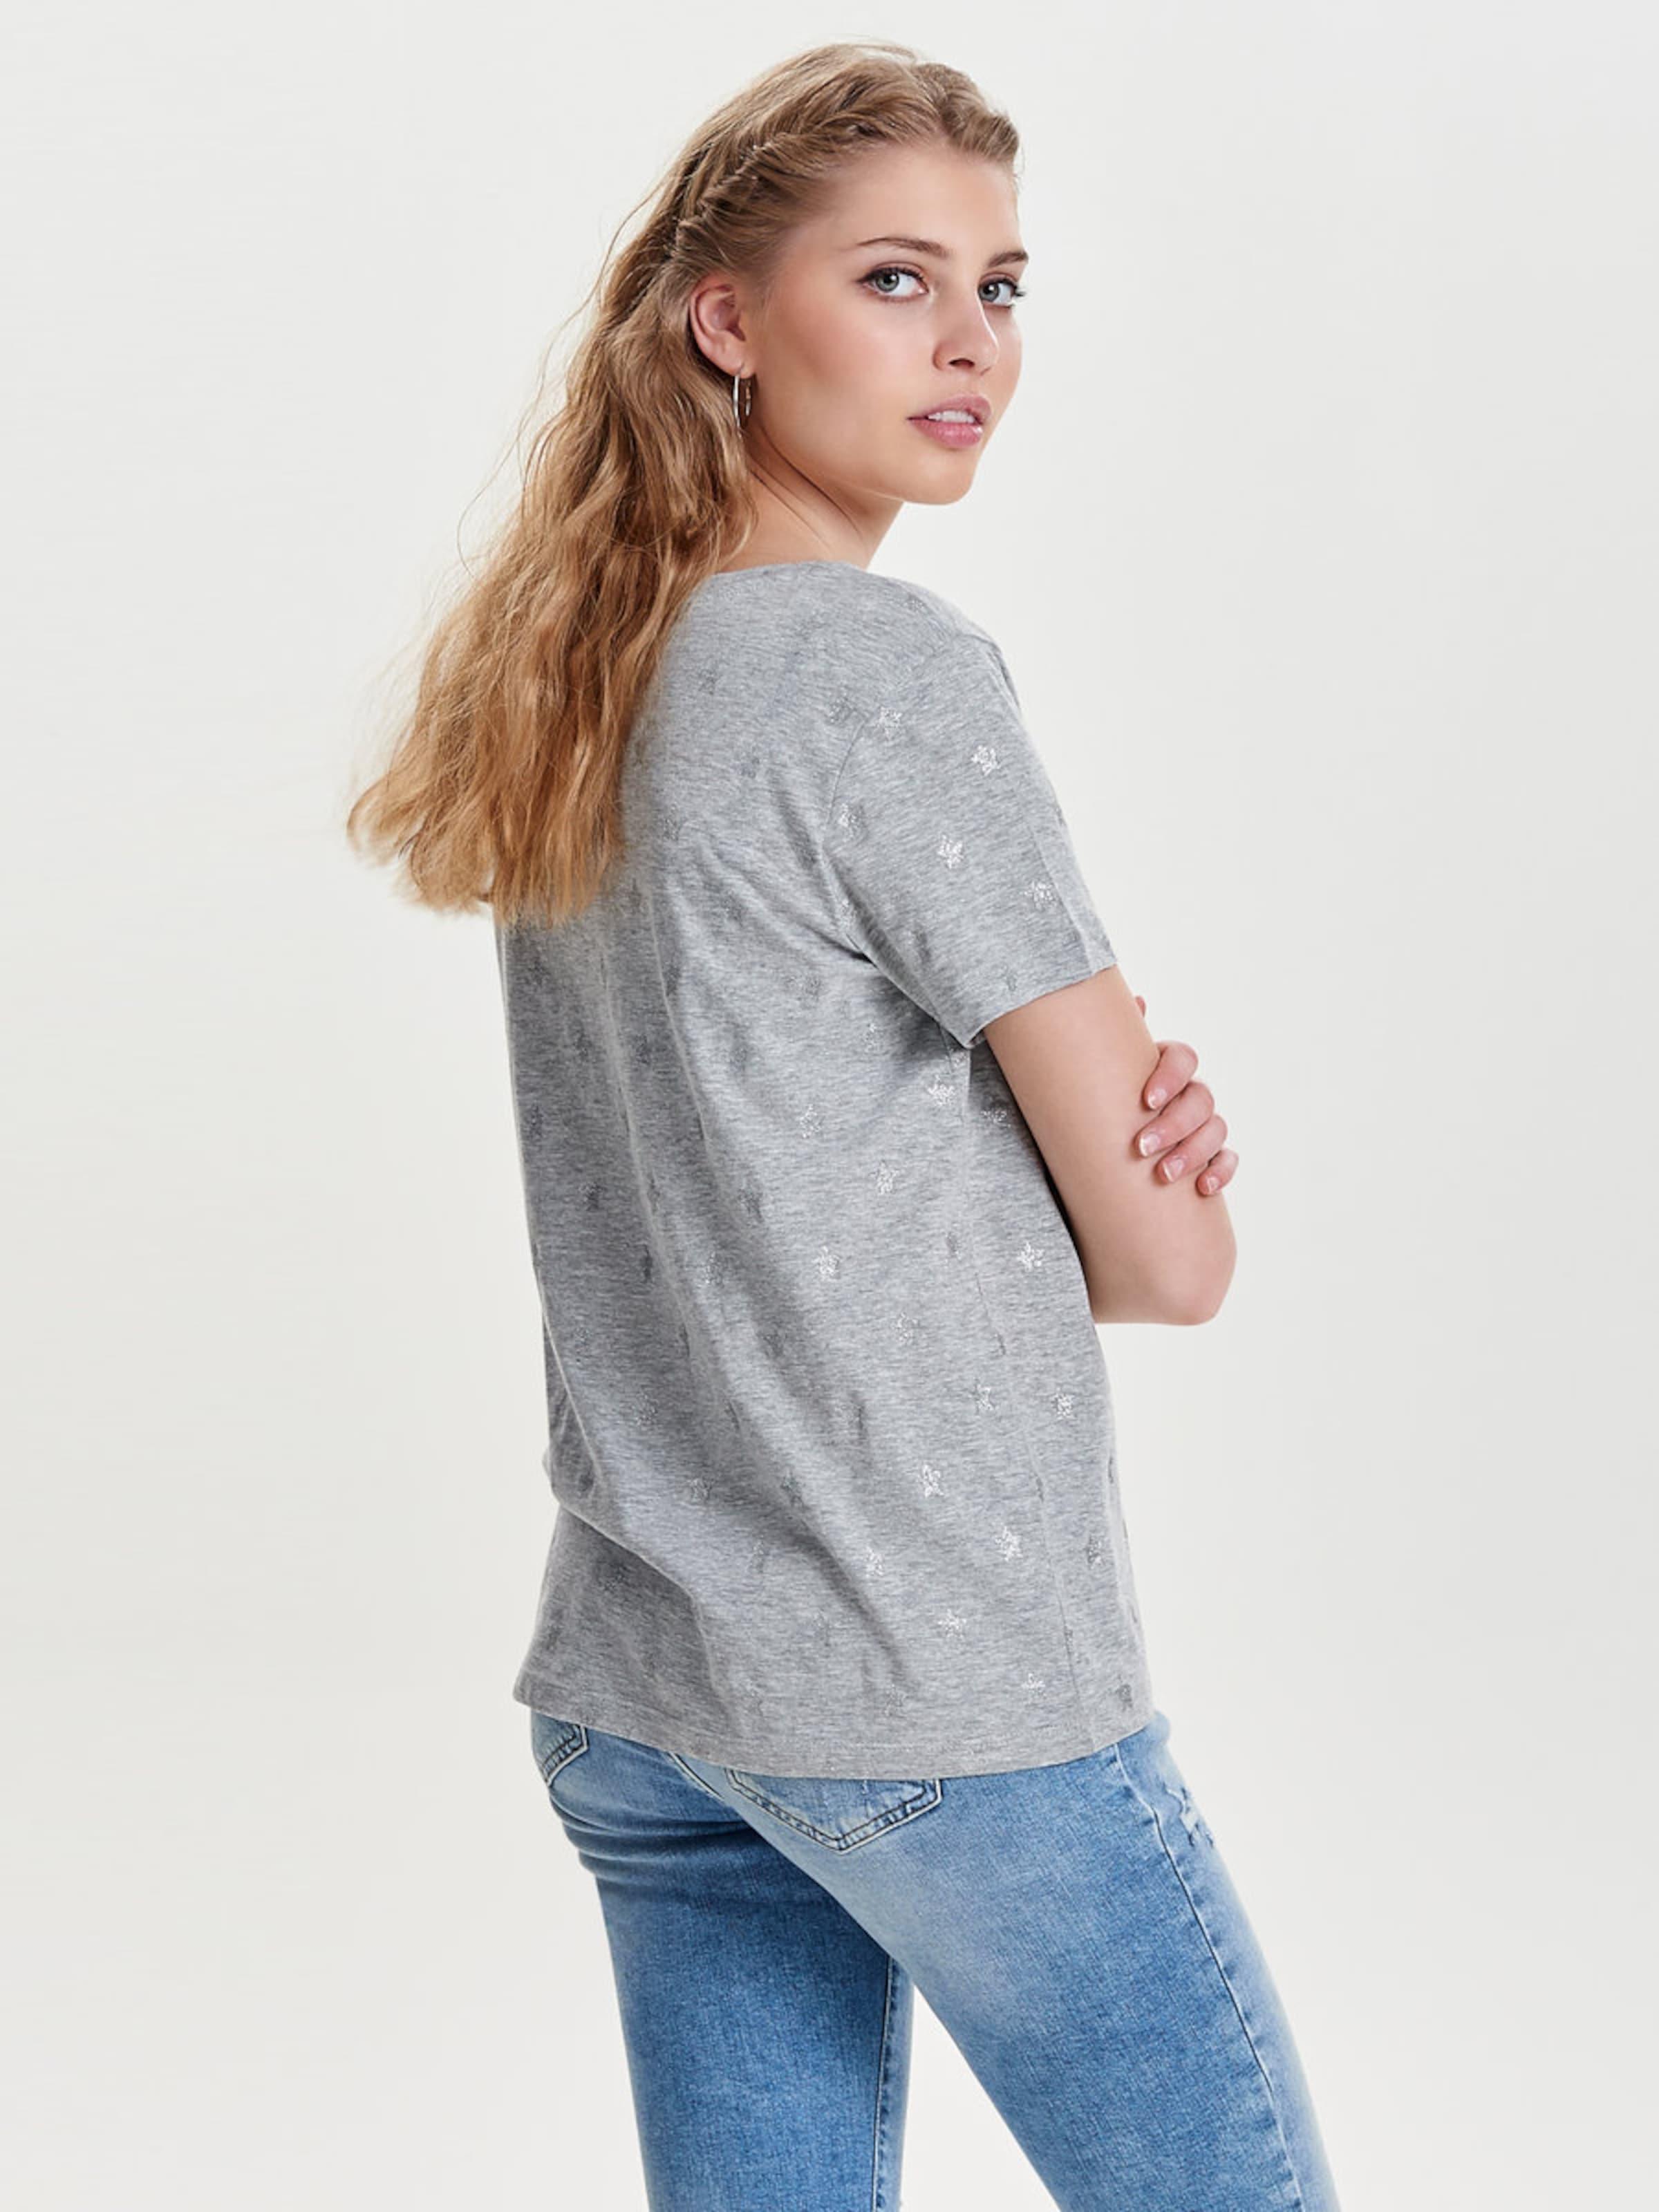 YONG JACQUELINE JACQUELINE de Bedrucktes Shirt de T Svawf